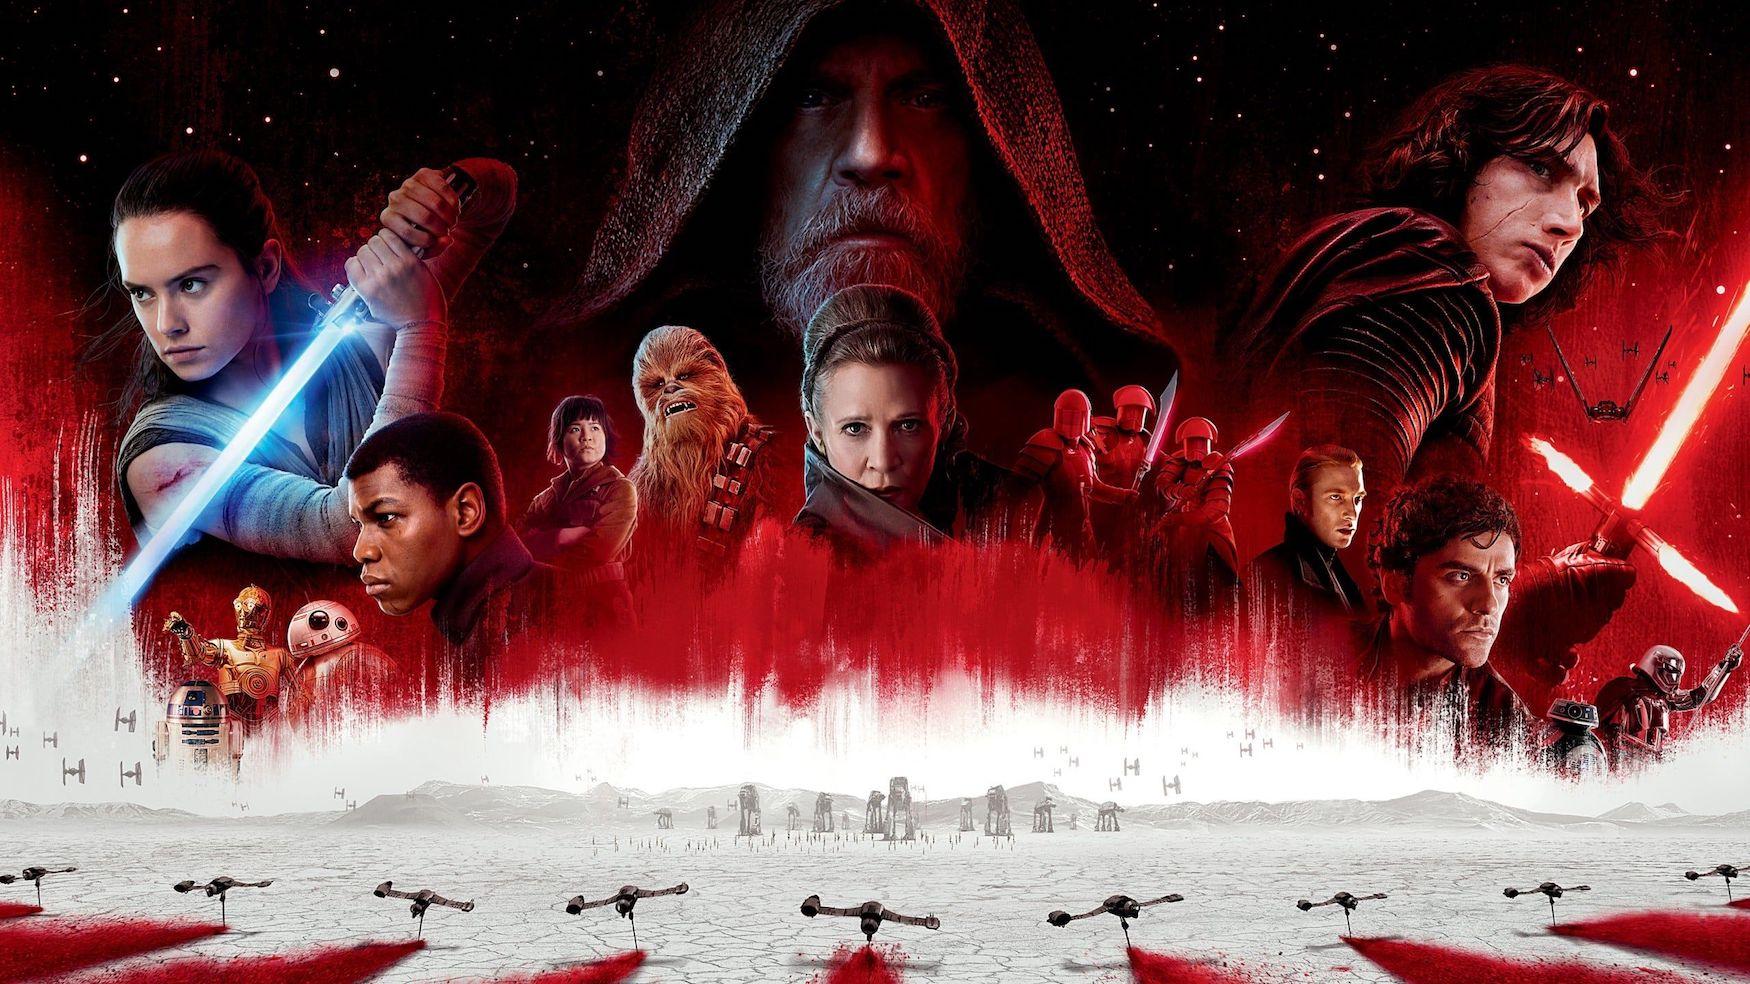 Le 10 domande che ci ha lasciato Star Wars: Gli Ultimi Jedi